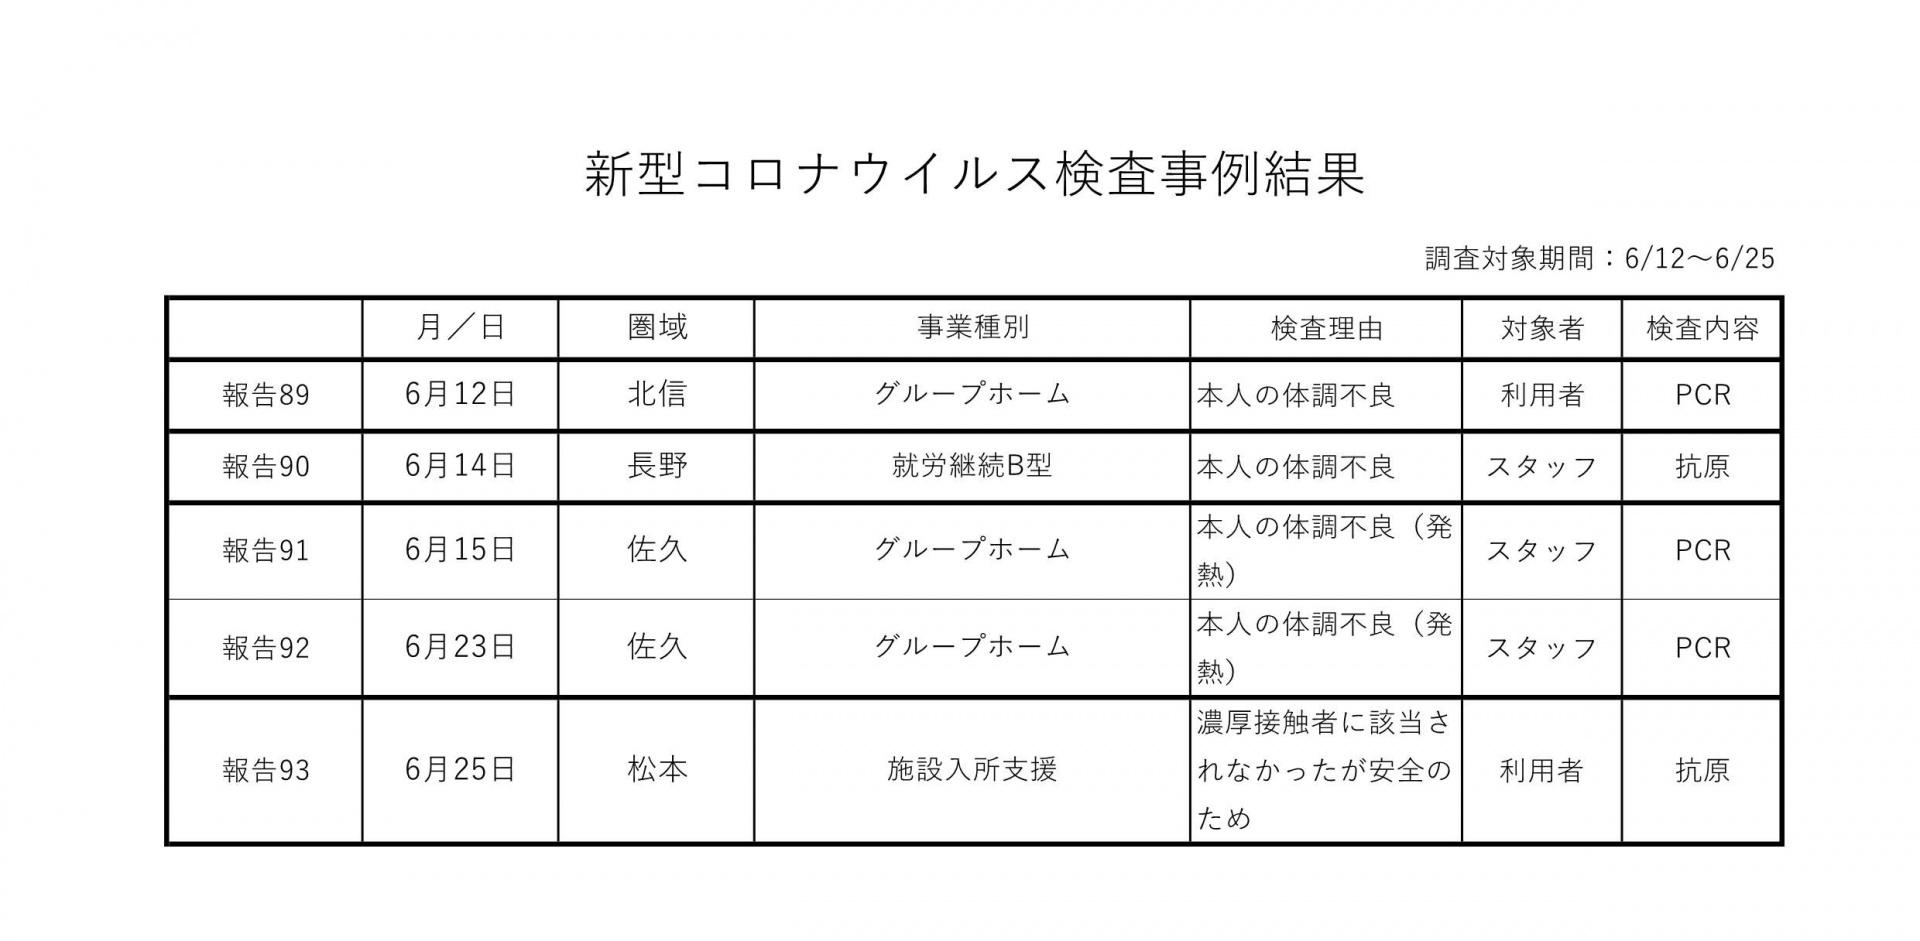 新型コロナウイルス検査事例結果 6-12~6-25